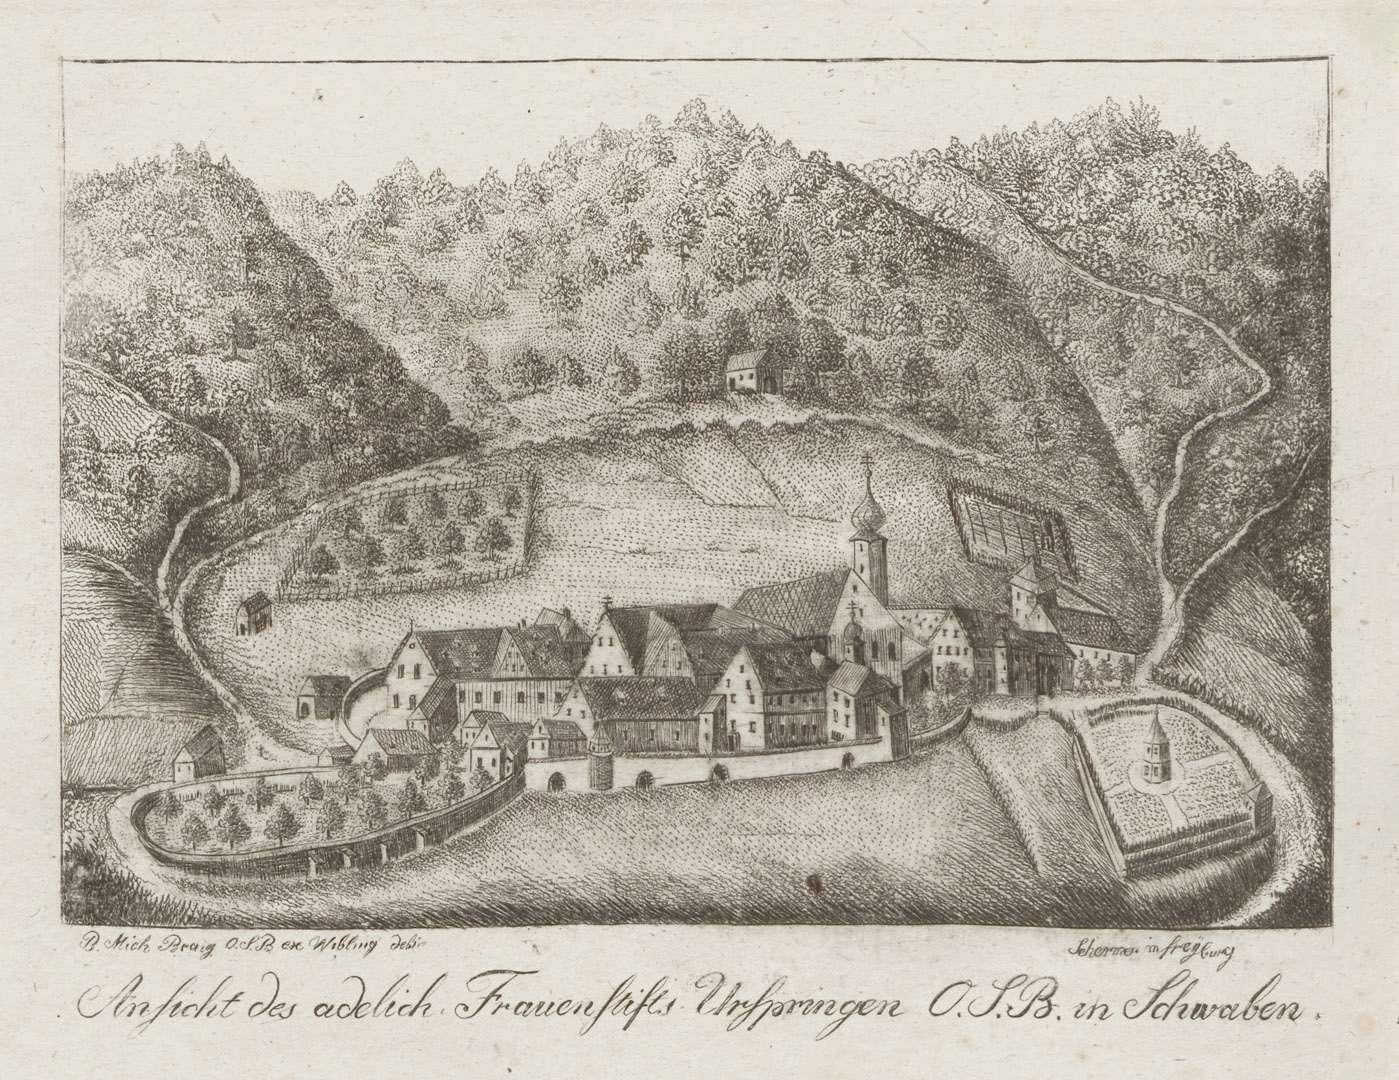 Ansicht des adelich[en] Frauenstifts Urspringen O.S.B. in Schwaben, Bild 1